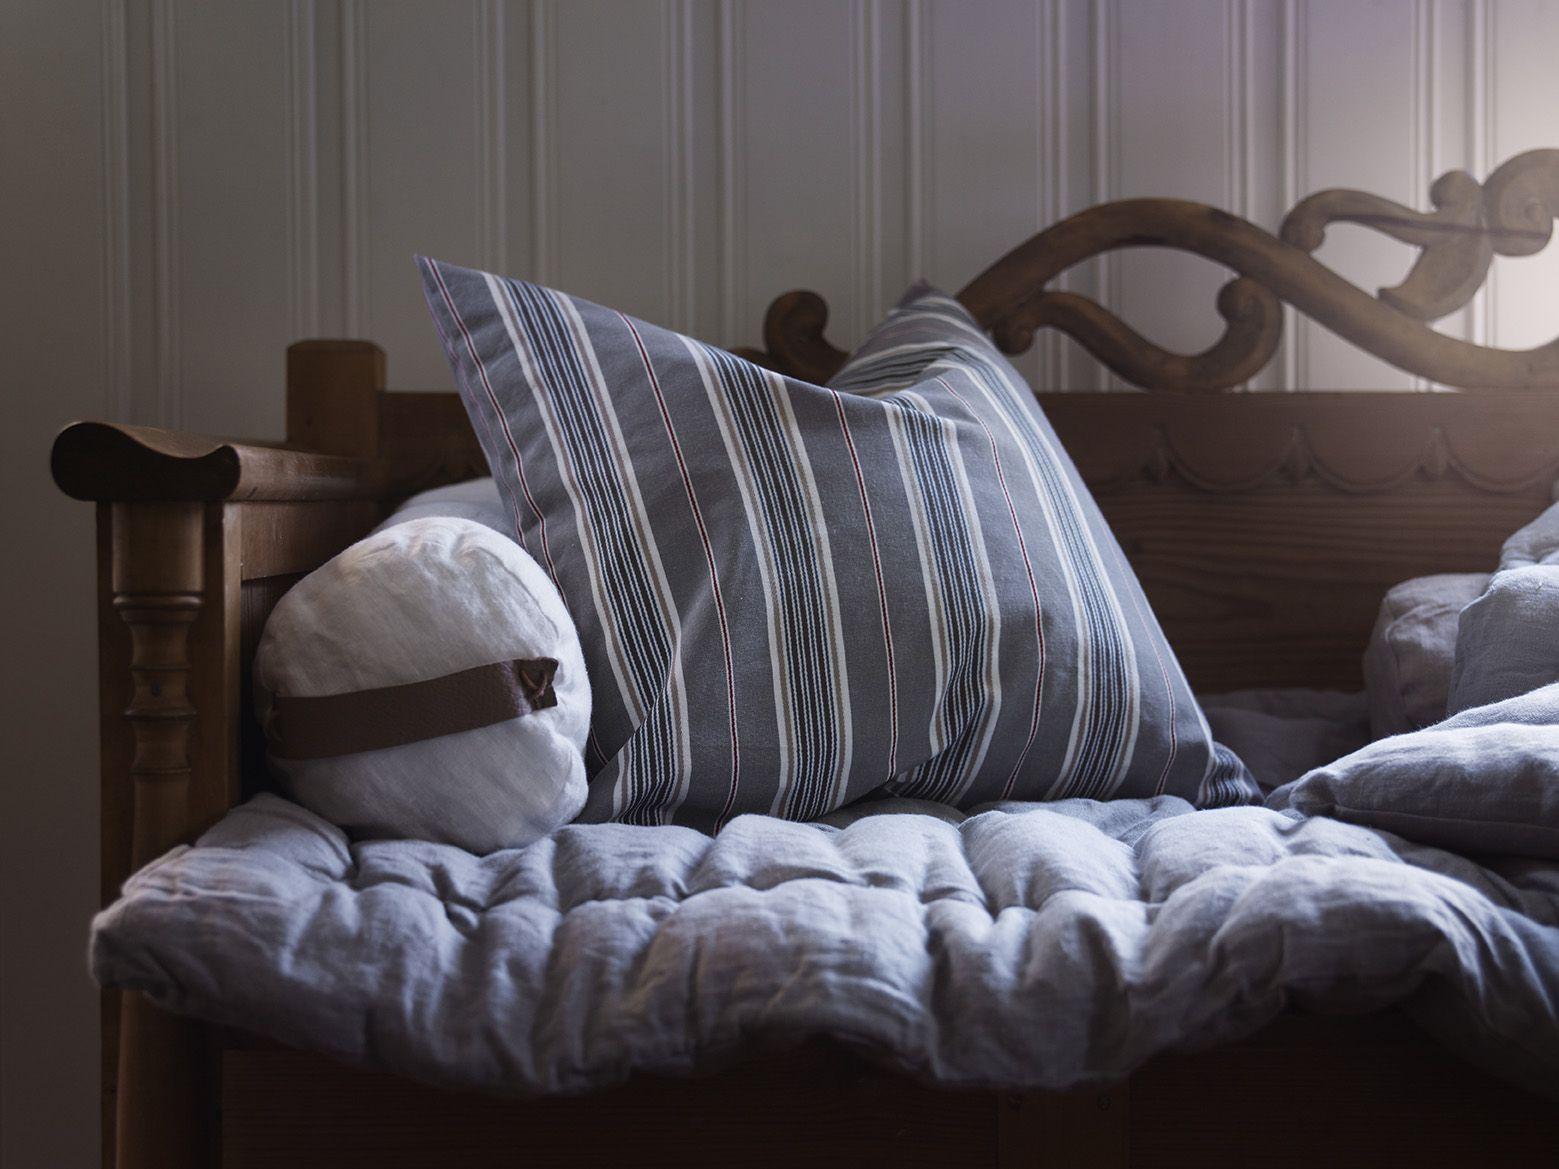 Decoratie Slaapkamer Ikea : Daggvide kussenovertrek grijs veelkleurig strepen ikea en